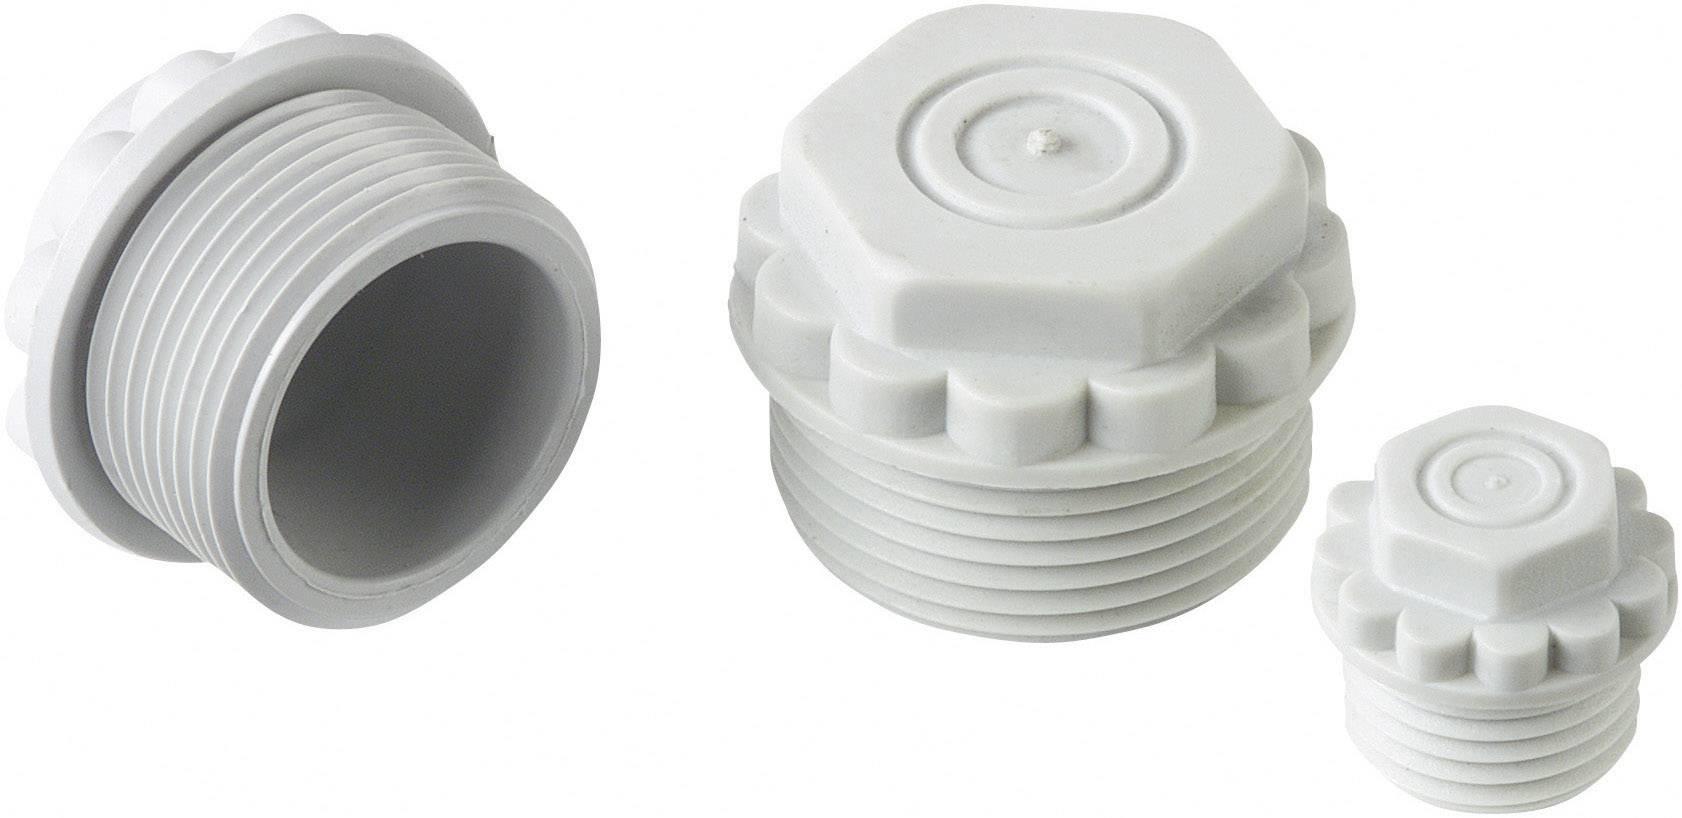 Záslepka LappKabel SKINDICHT® M25, s priepustnou membránou, polystyrén, 1 ks